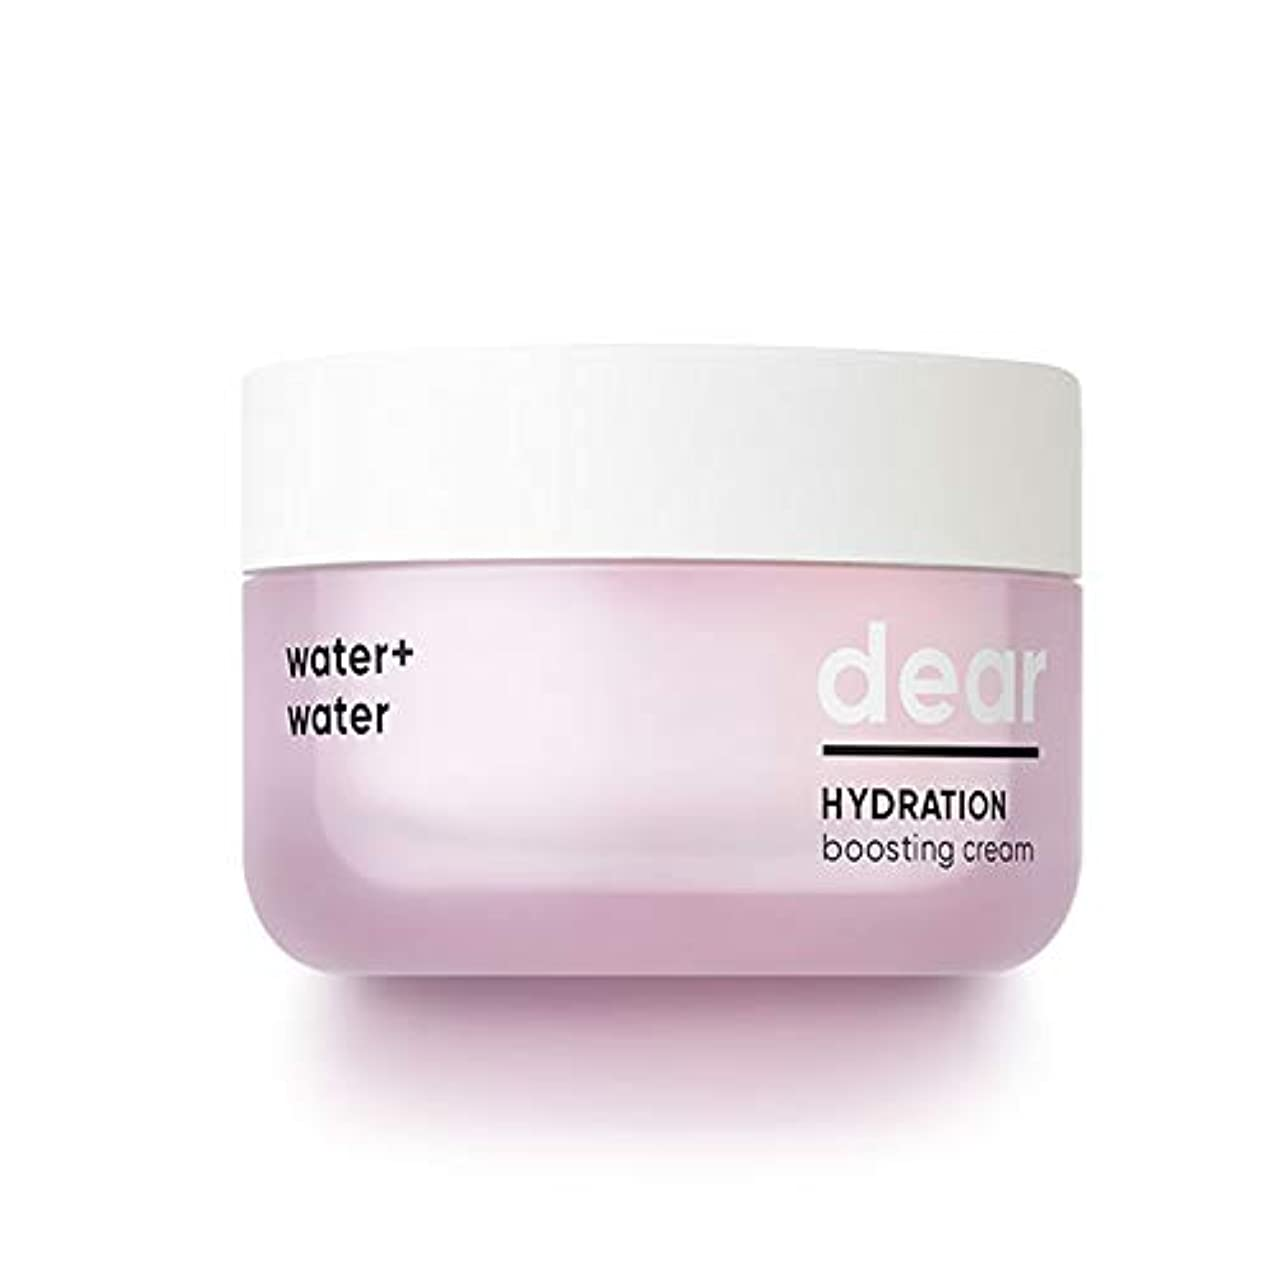 余計なオッズしたいBANILA CO(バニラコ) ディア ハイドレーション ブースティングクローム Dear Hydration Boosting Cream